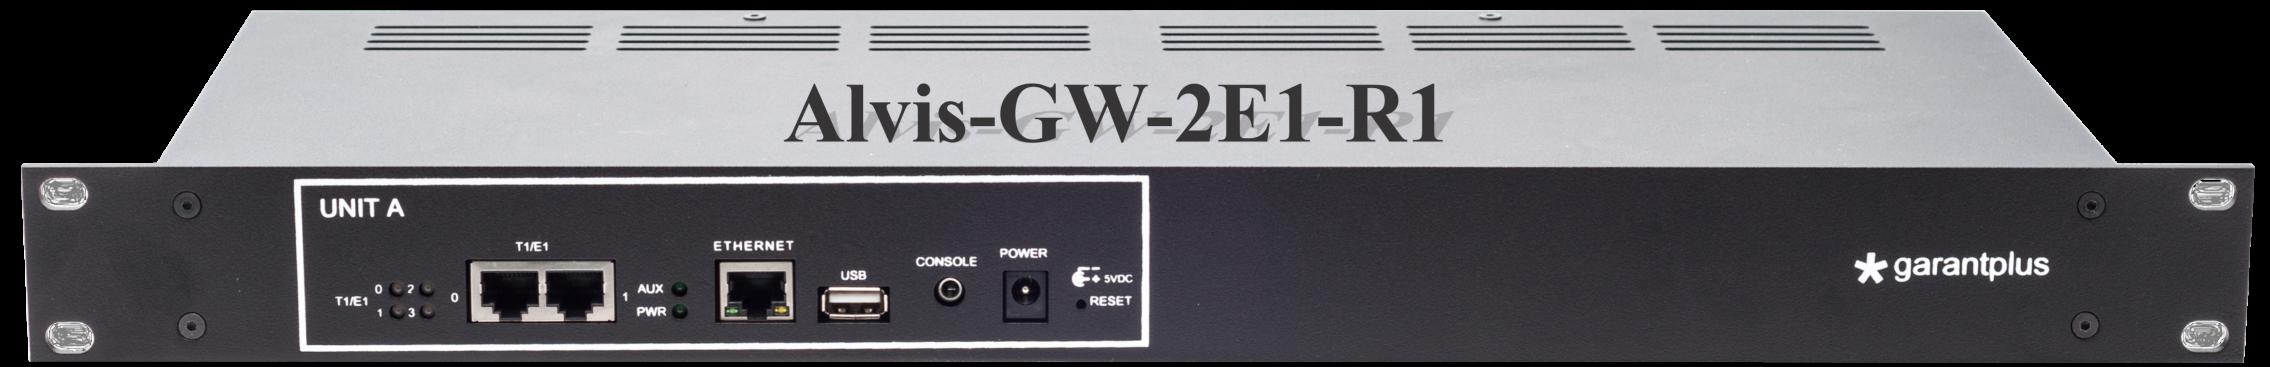 Alvis-GW-2E1-R1